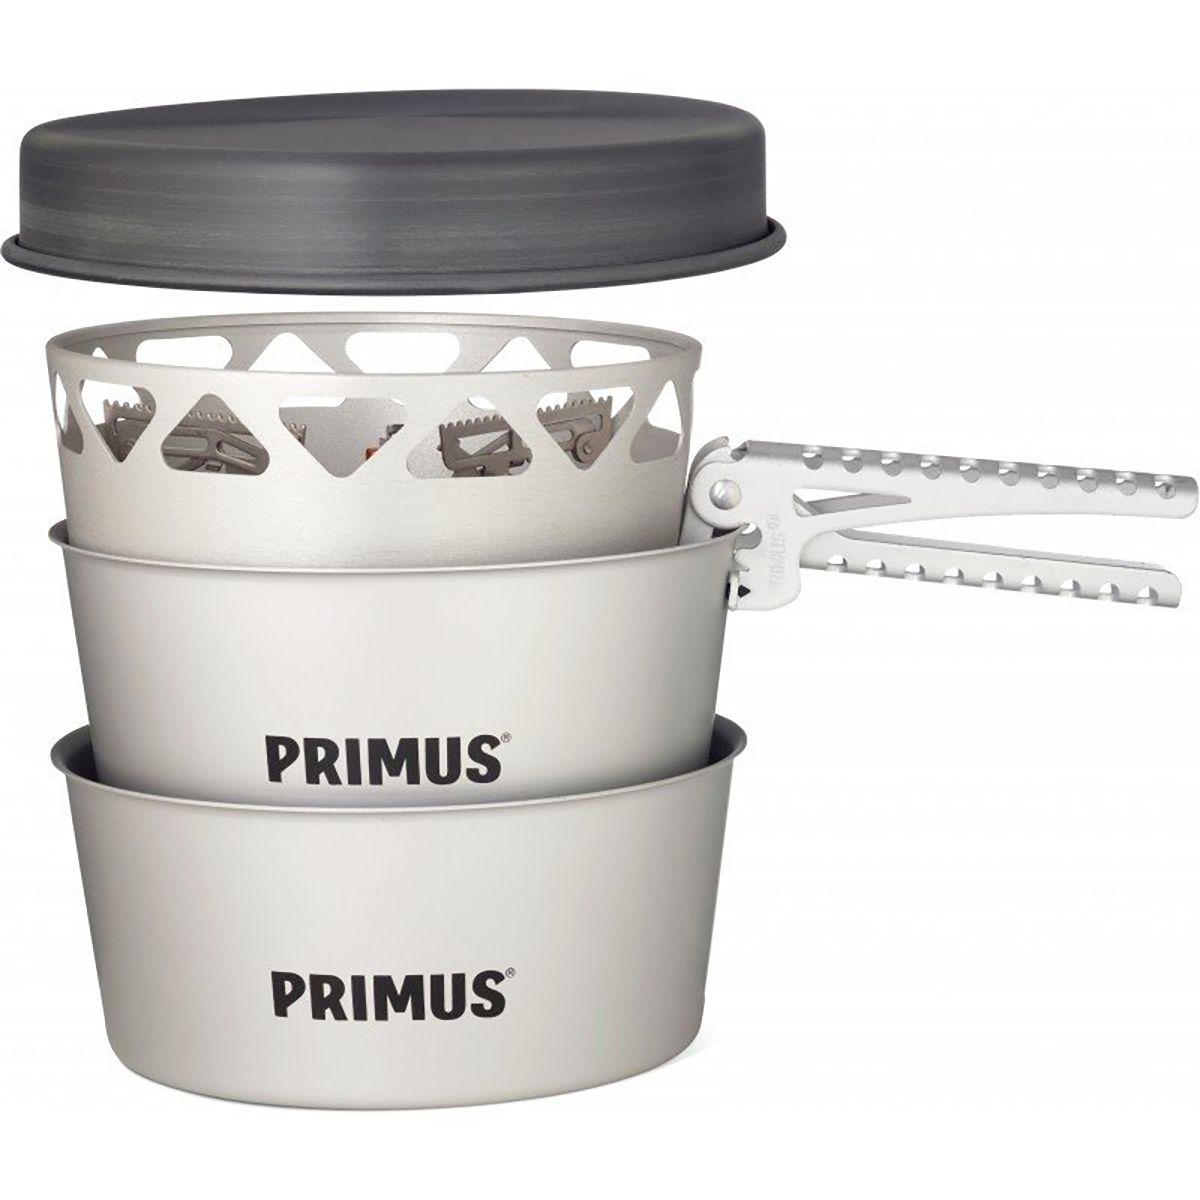 Primus Essential Stove Set 1.3